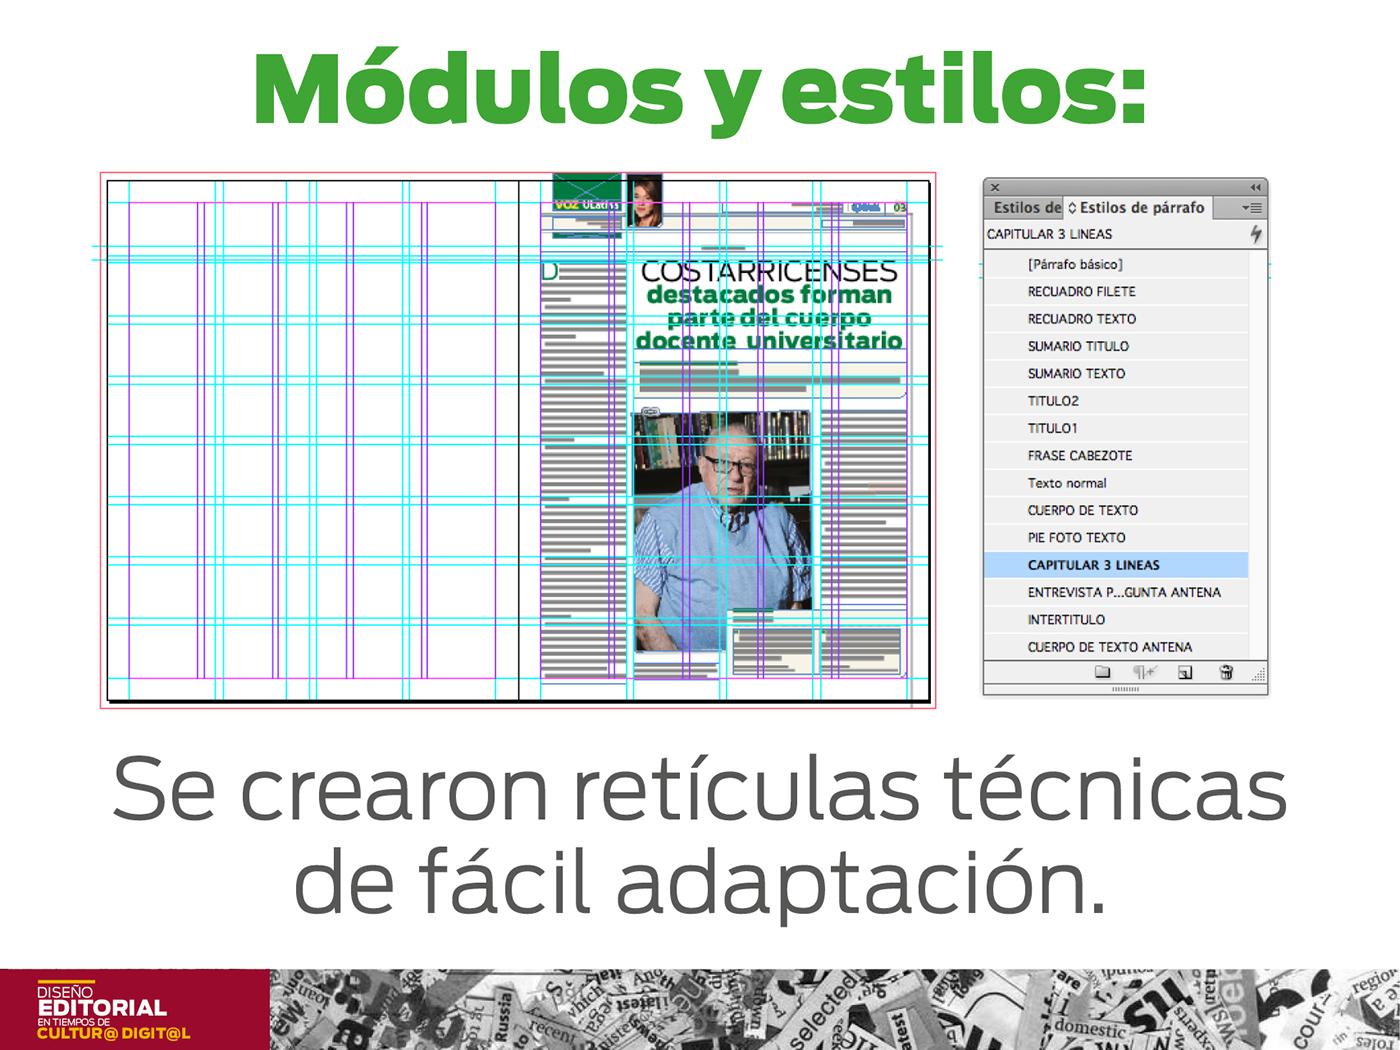 Diseño editorial,diseño gráfico,tipografia,Fotografia,InDesign,diagramación